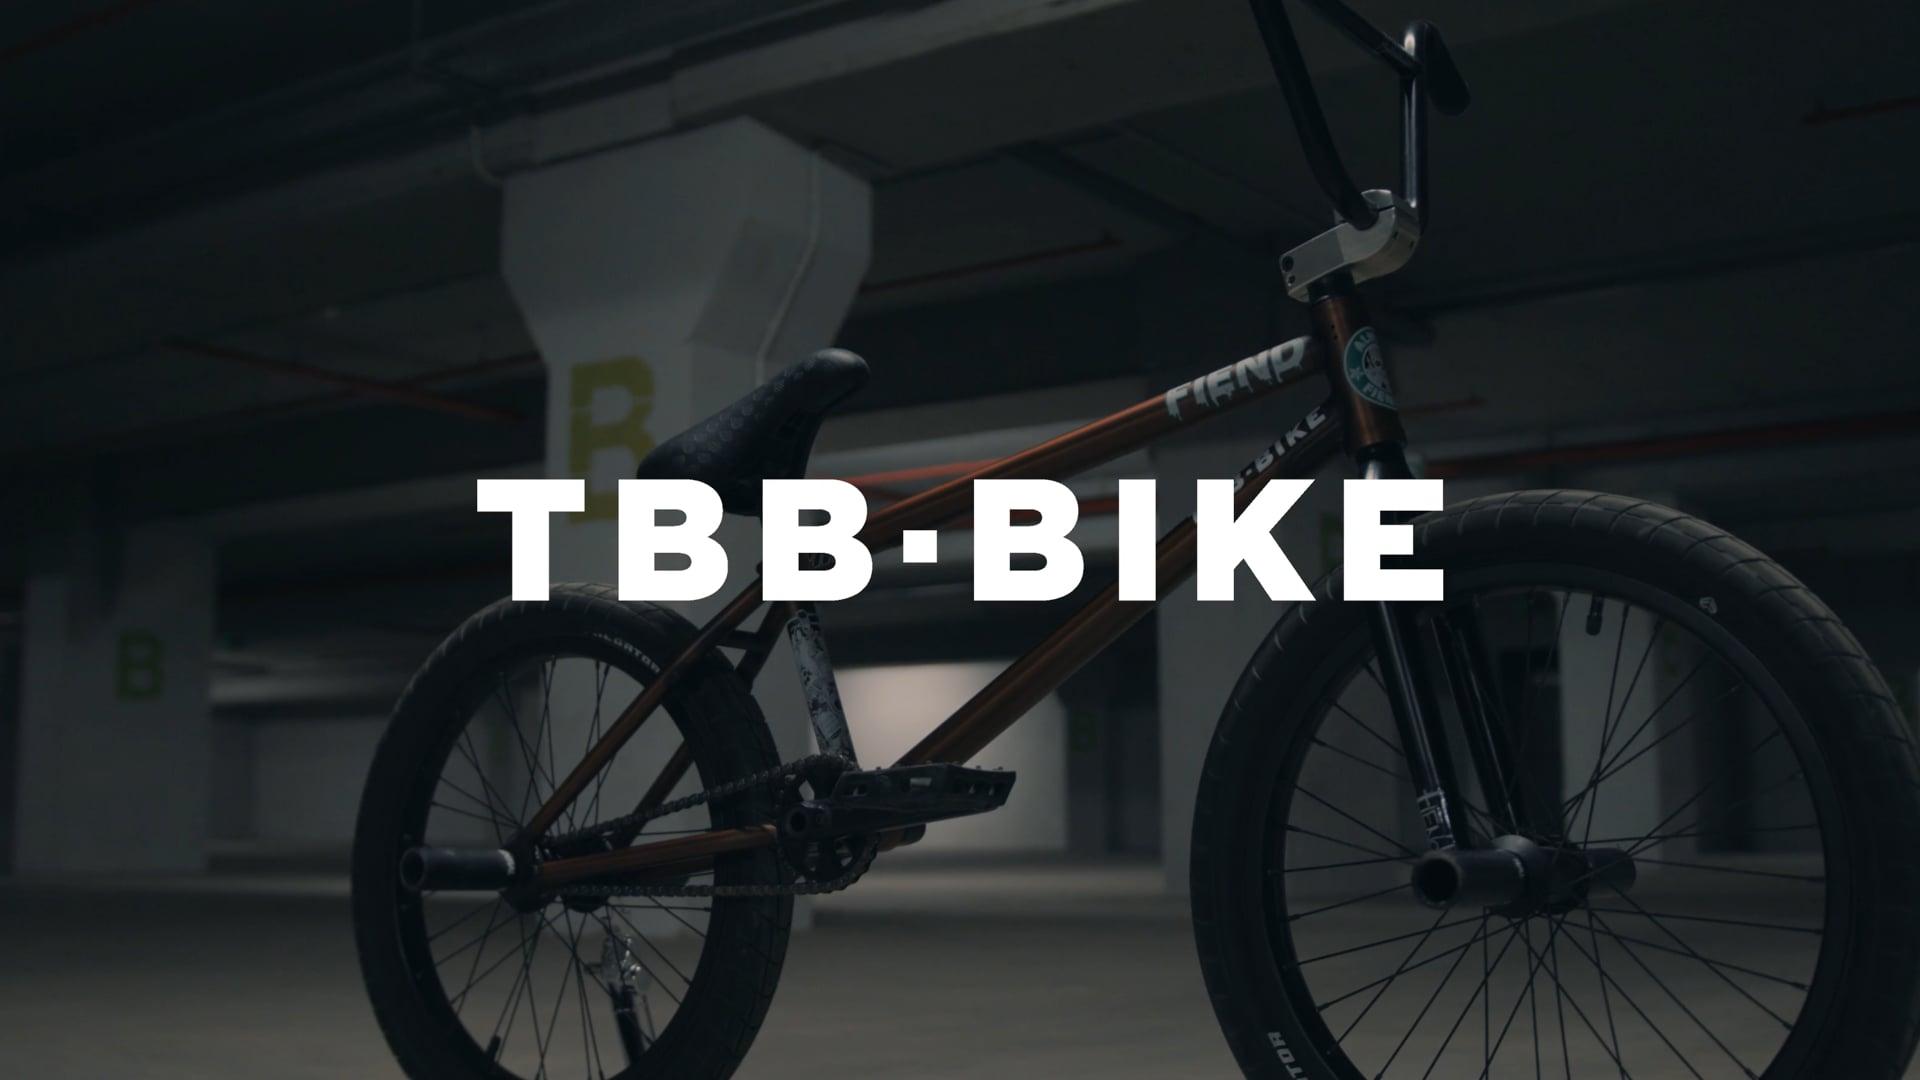 TBB-BIKE with Jula Raul